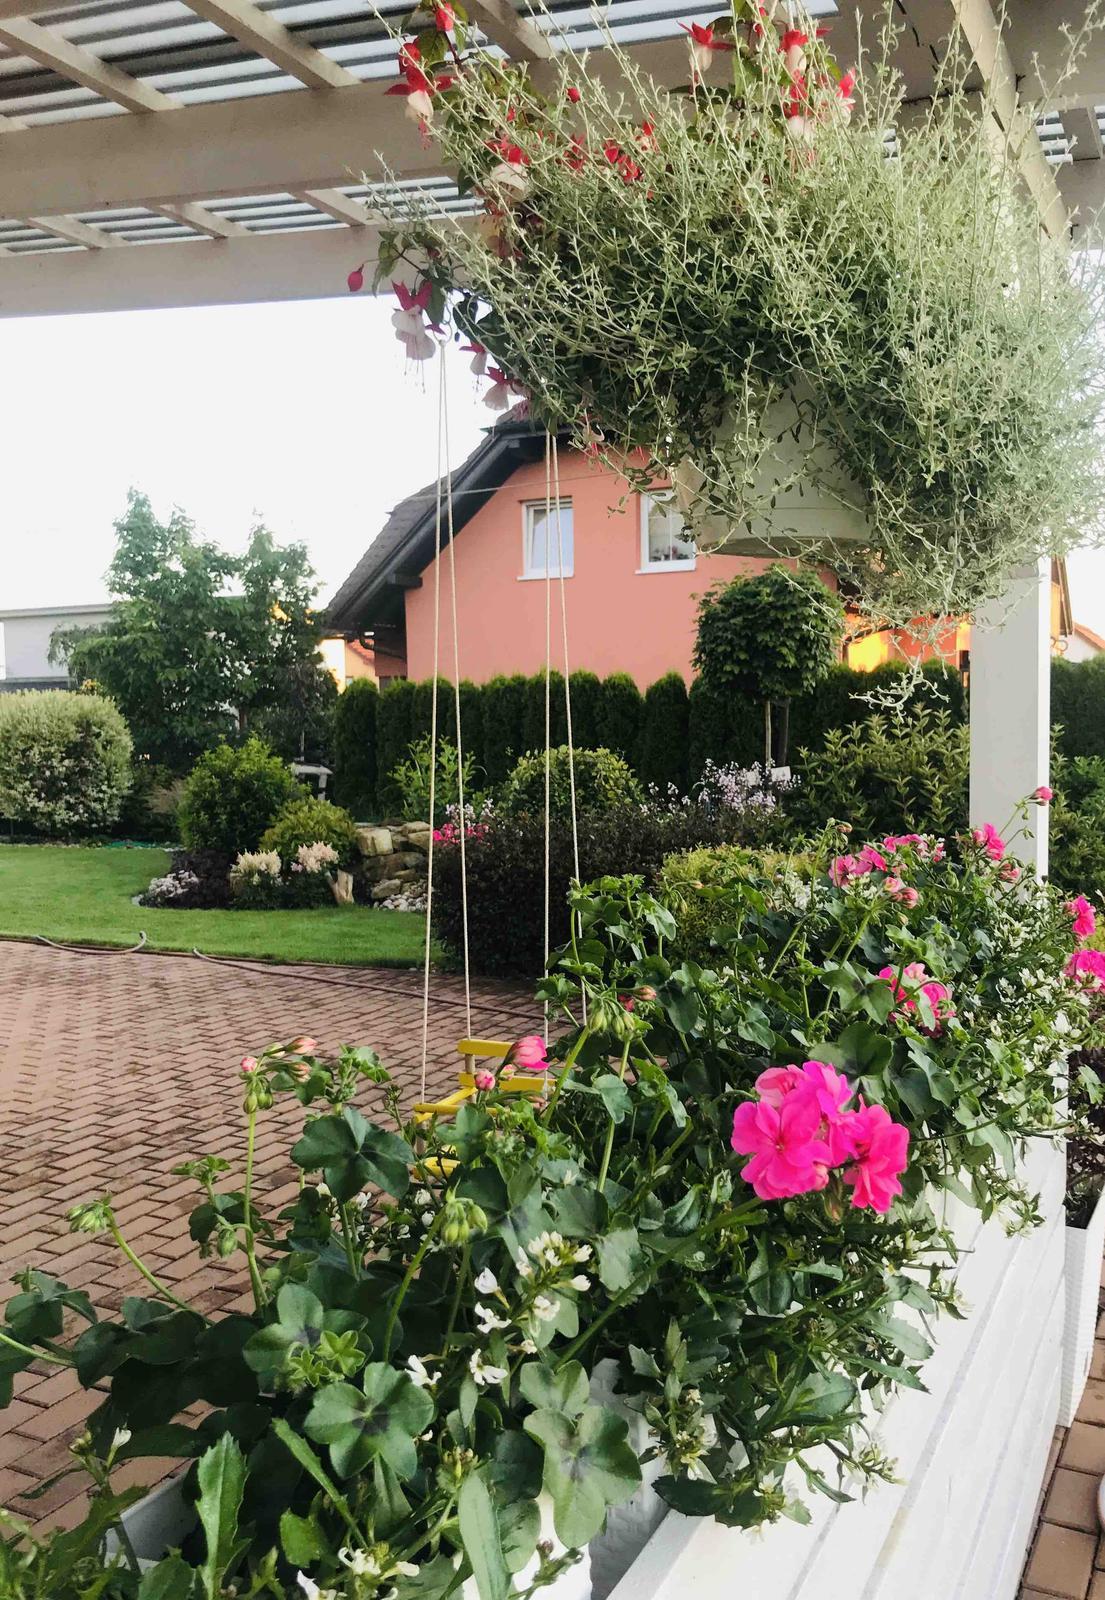 Naše barevná zahrada 🌸 - Z pergoly výhled do zahrady